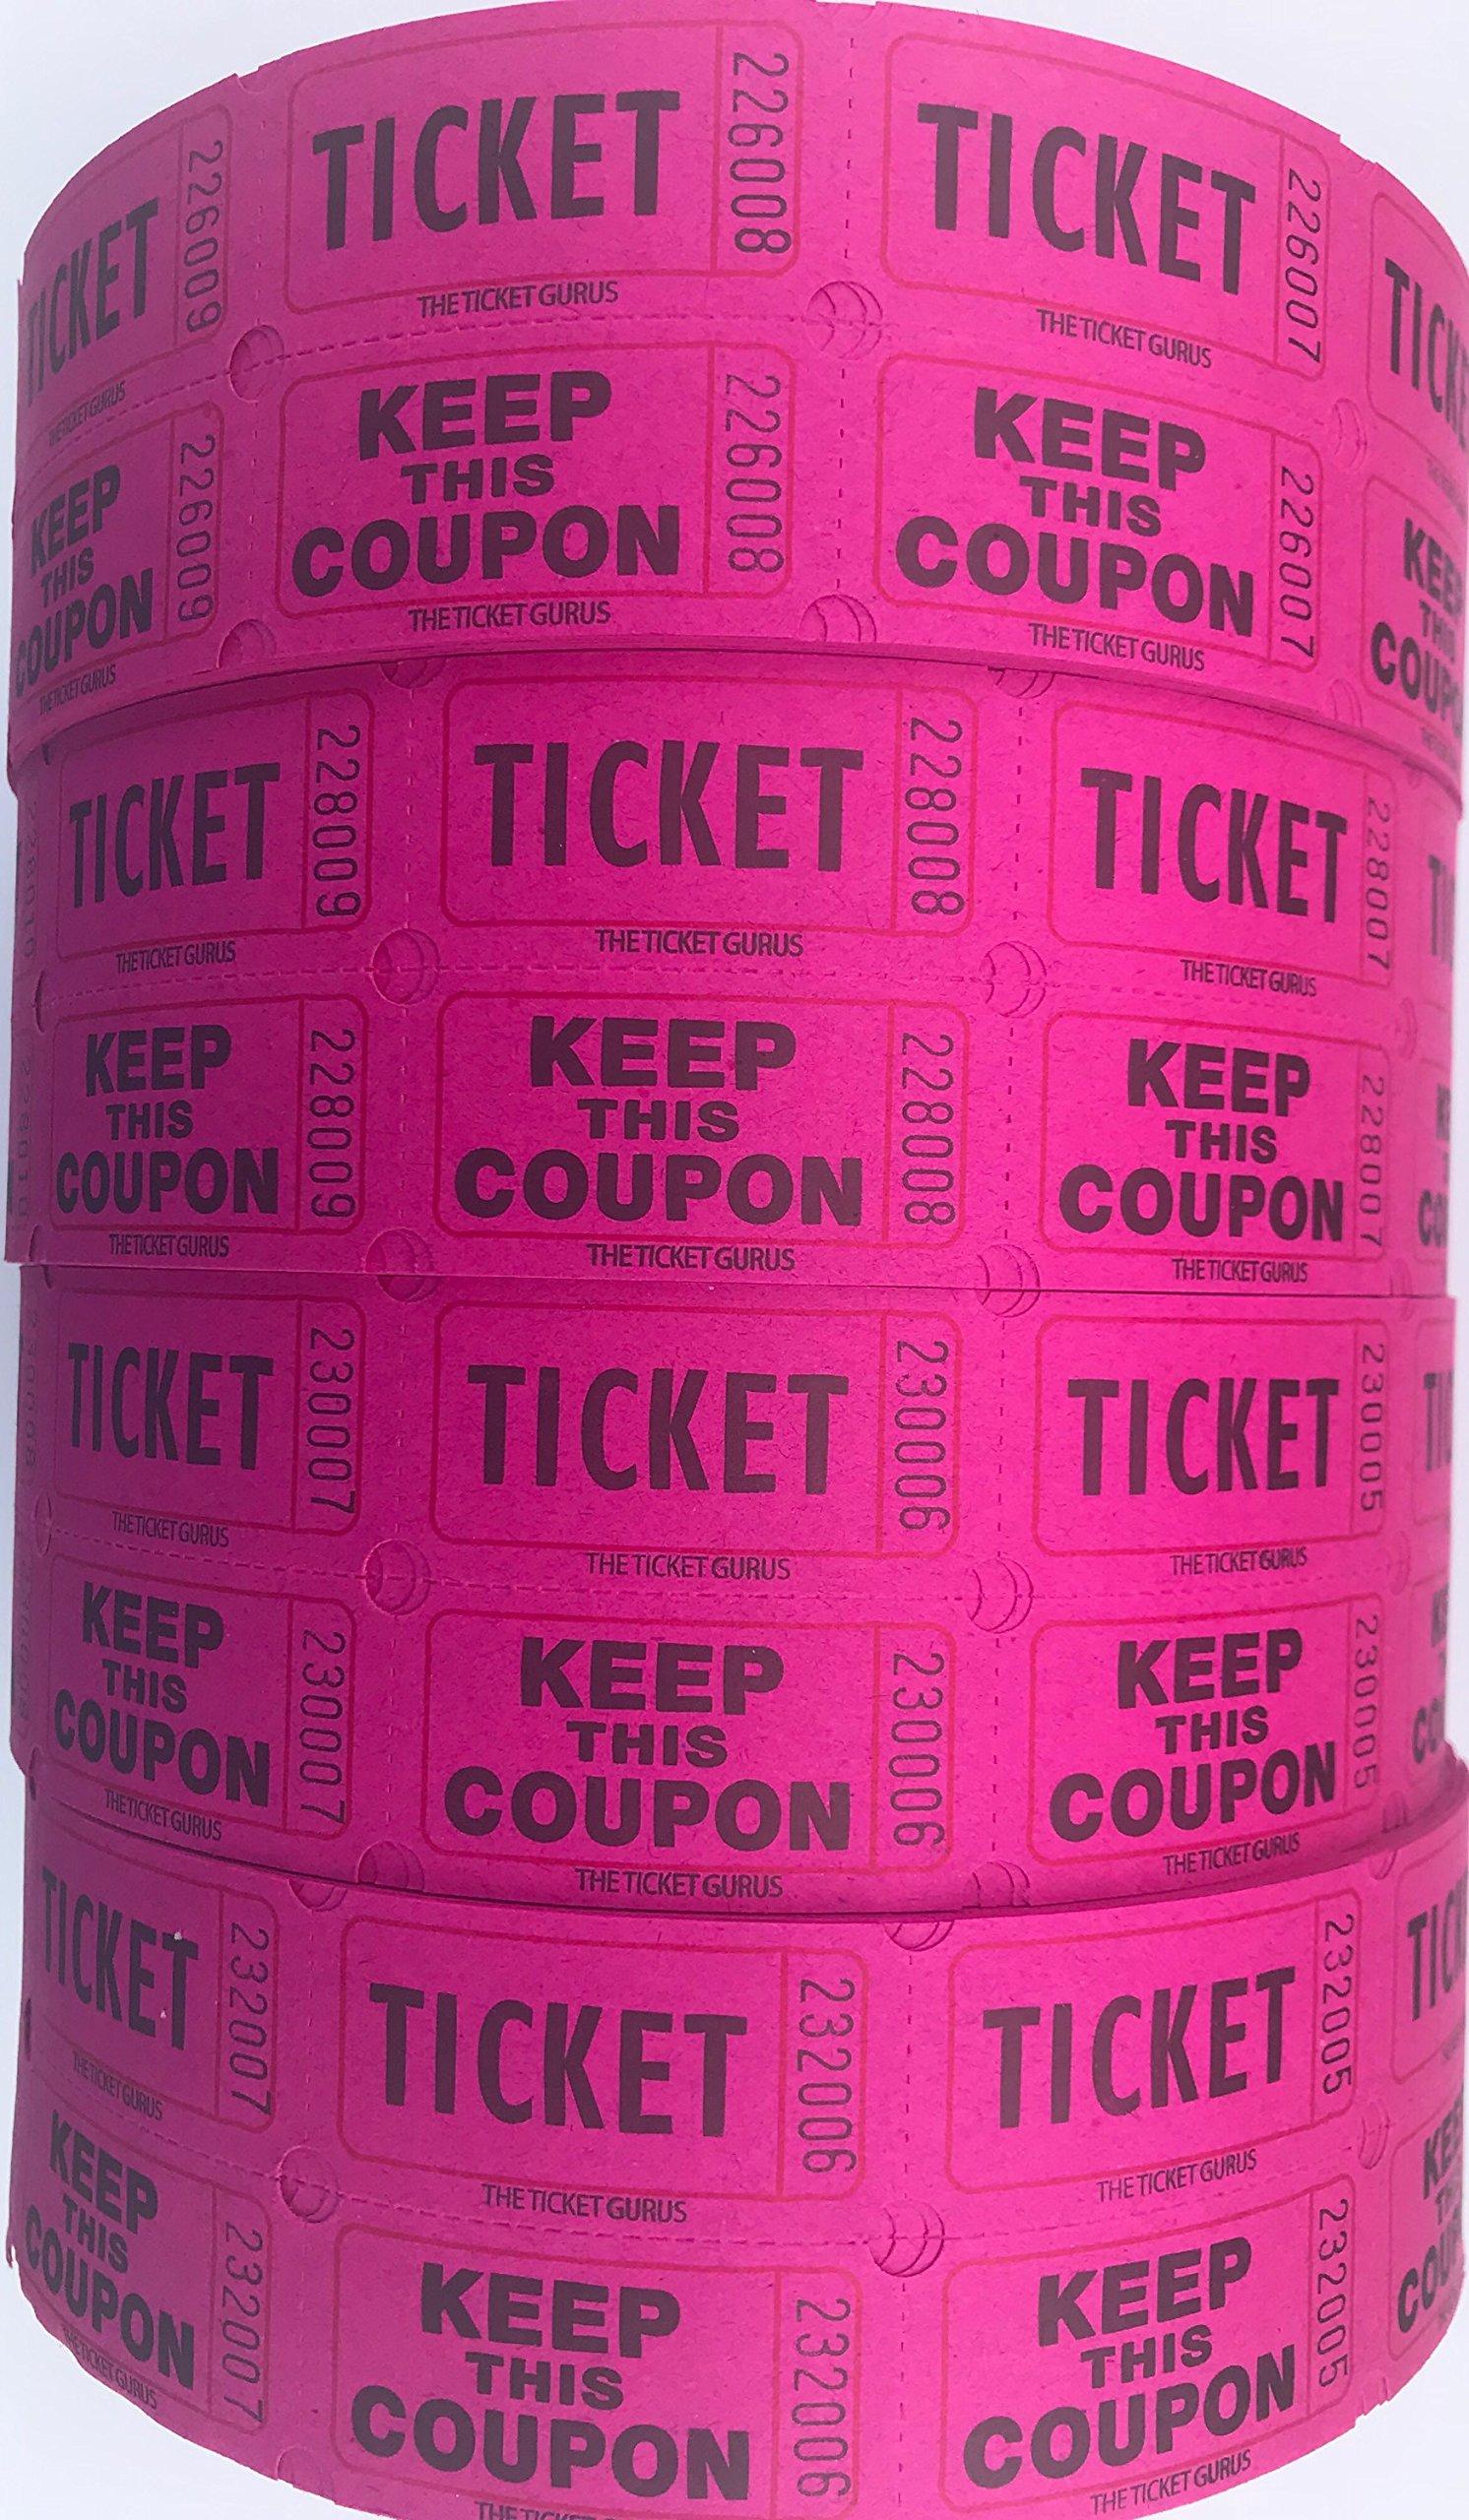 The Ticket Gurus-Raffle Tickets - (4 Rolls of 2000 Double Tickets) 8,000 Total 50/50 Raffle Tickets-(4) Magenta Rolls by The Ticket Gurus